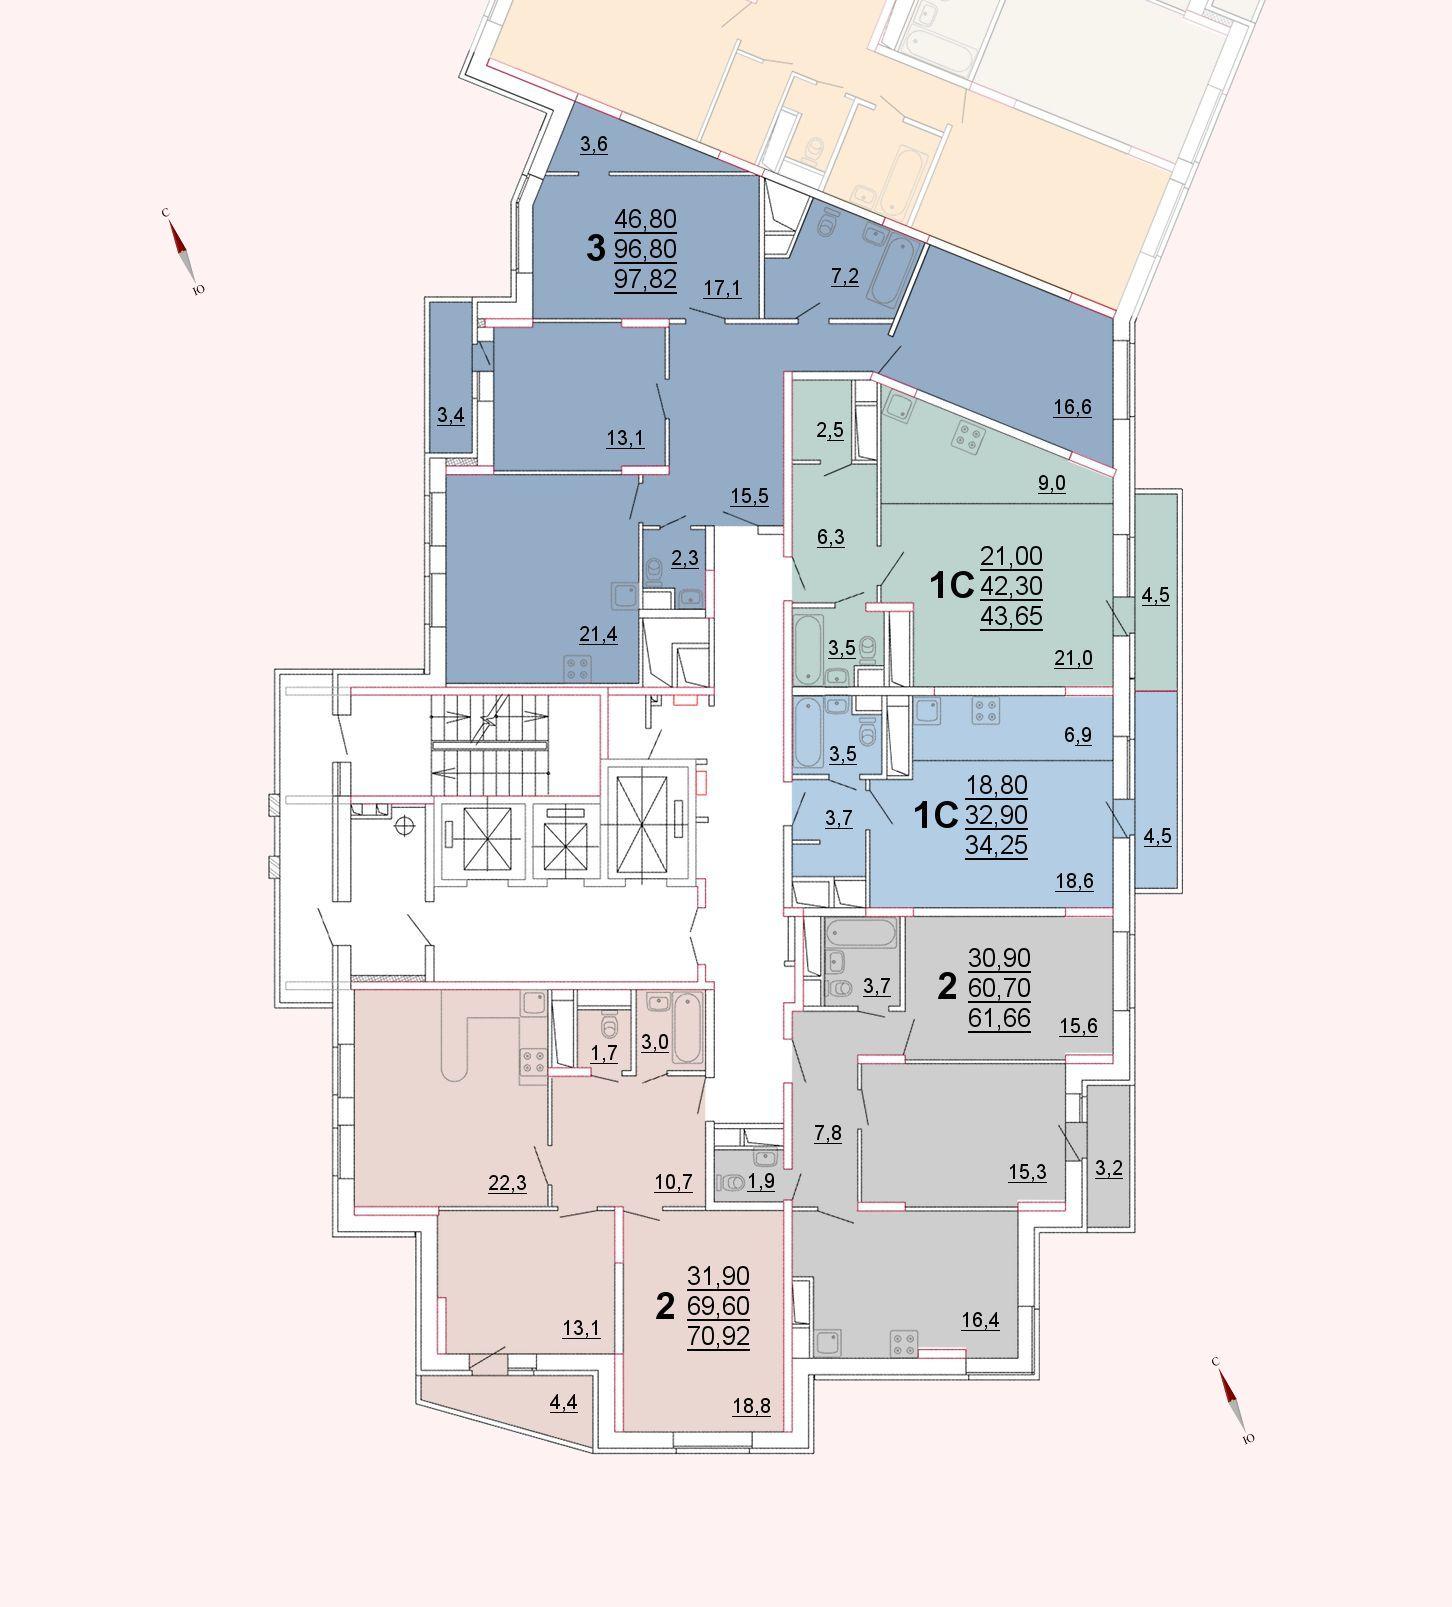 Микрорайон «Центральный», корпус 52а, секция 1, этажи 10-13